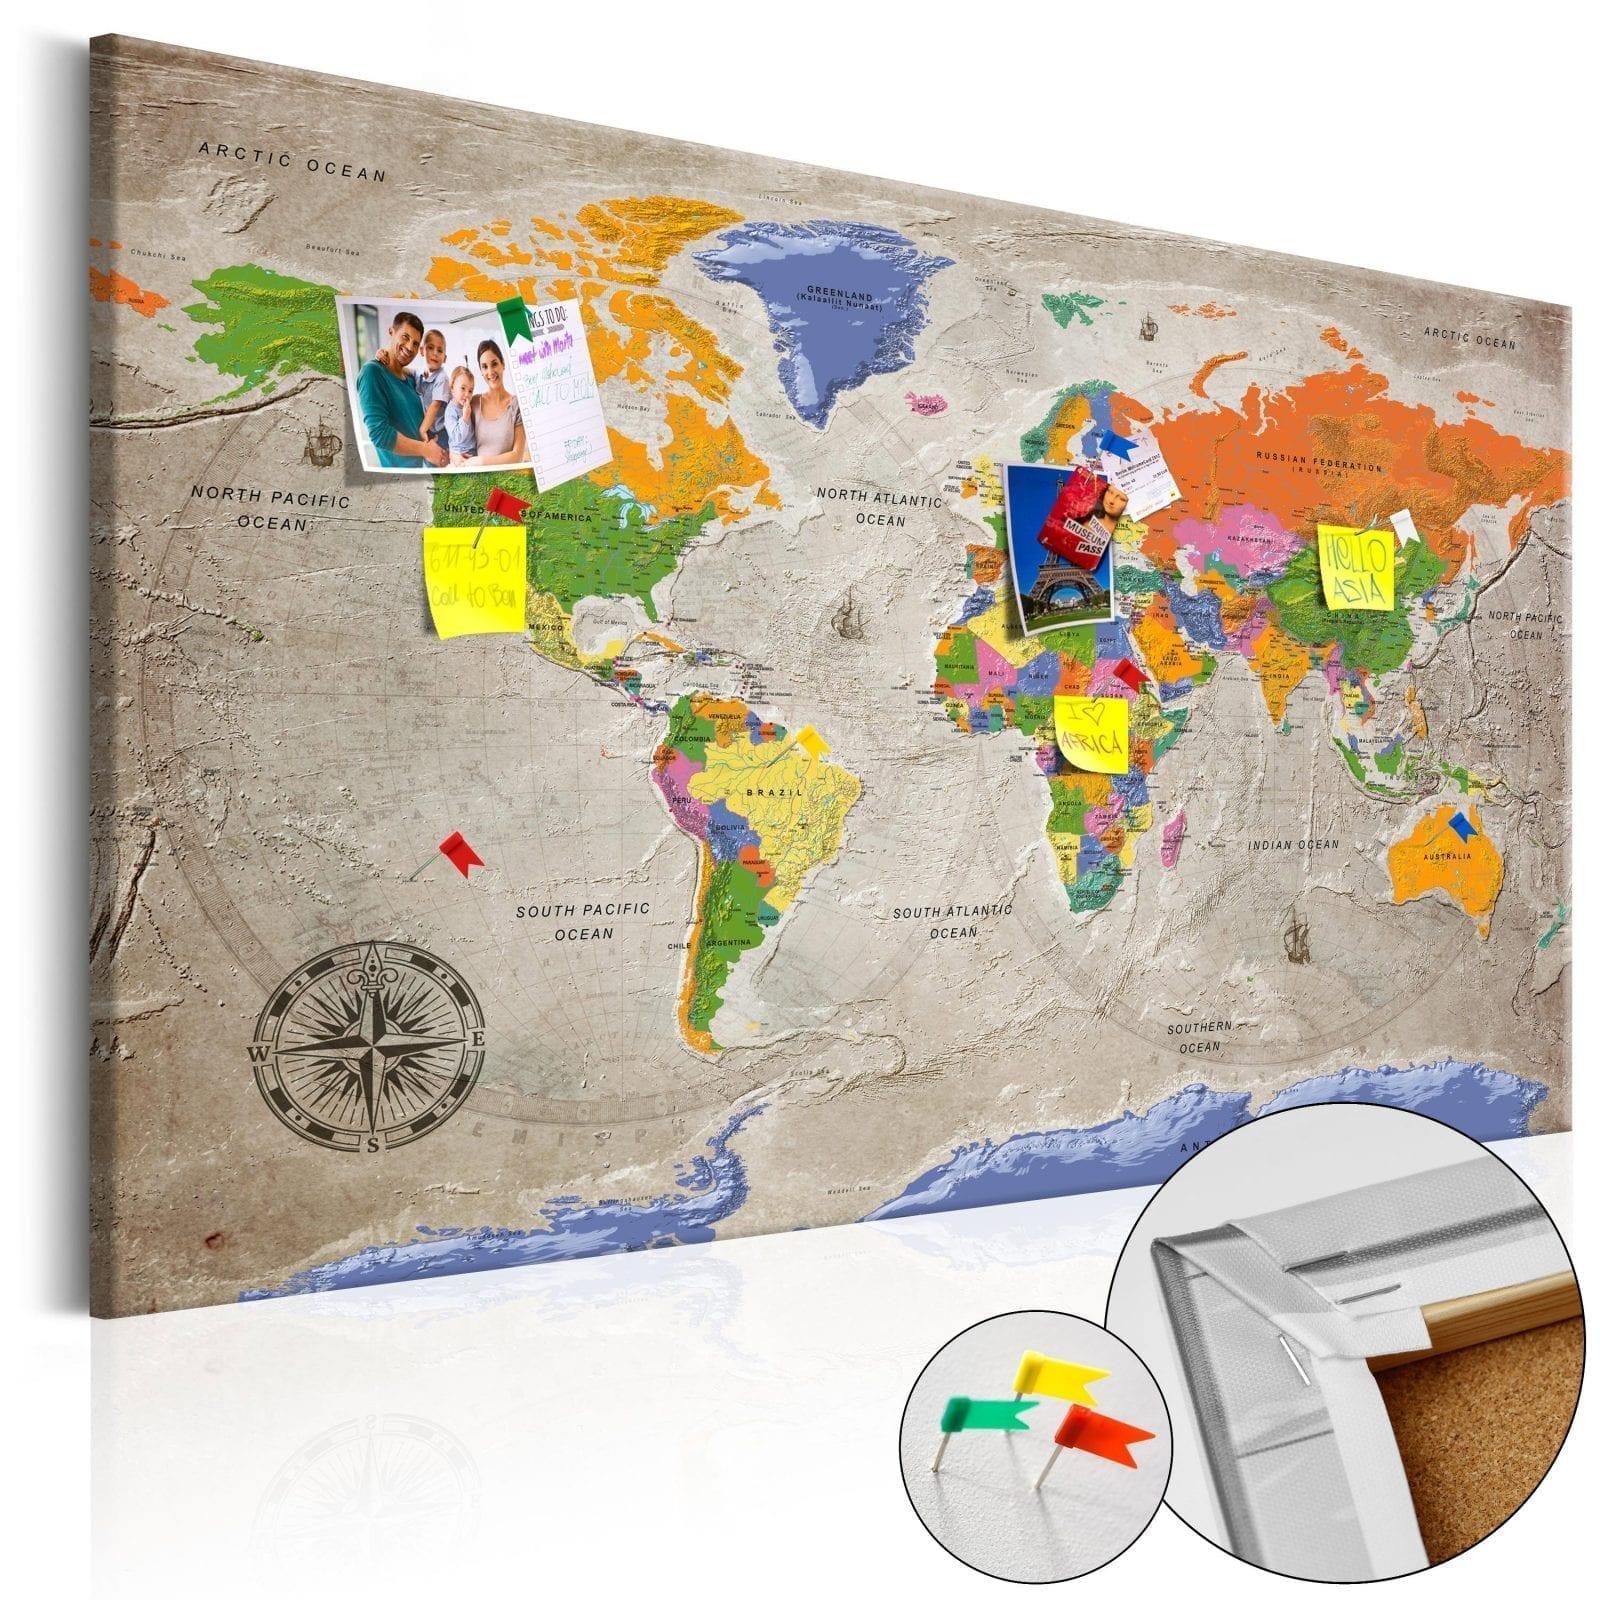 Tablero de corcho - World Map: Retro Style 1 | Potspintura.com